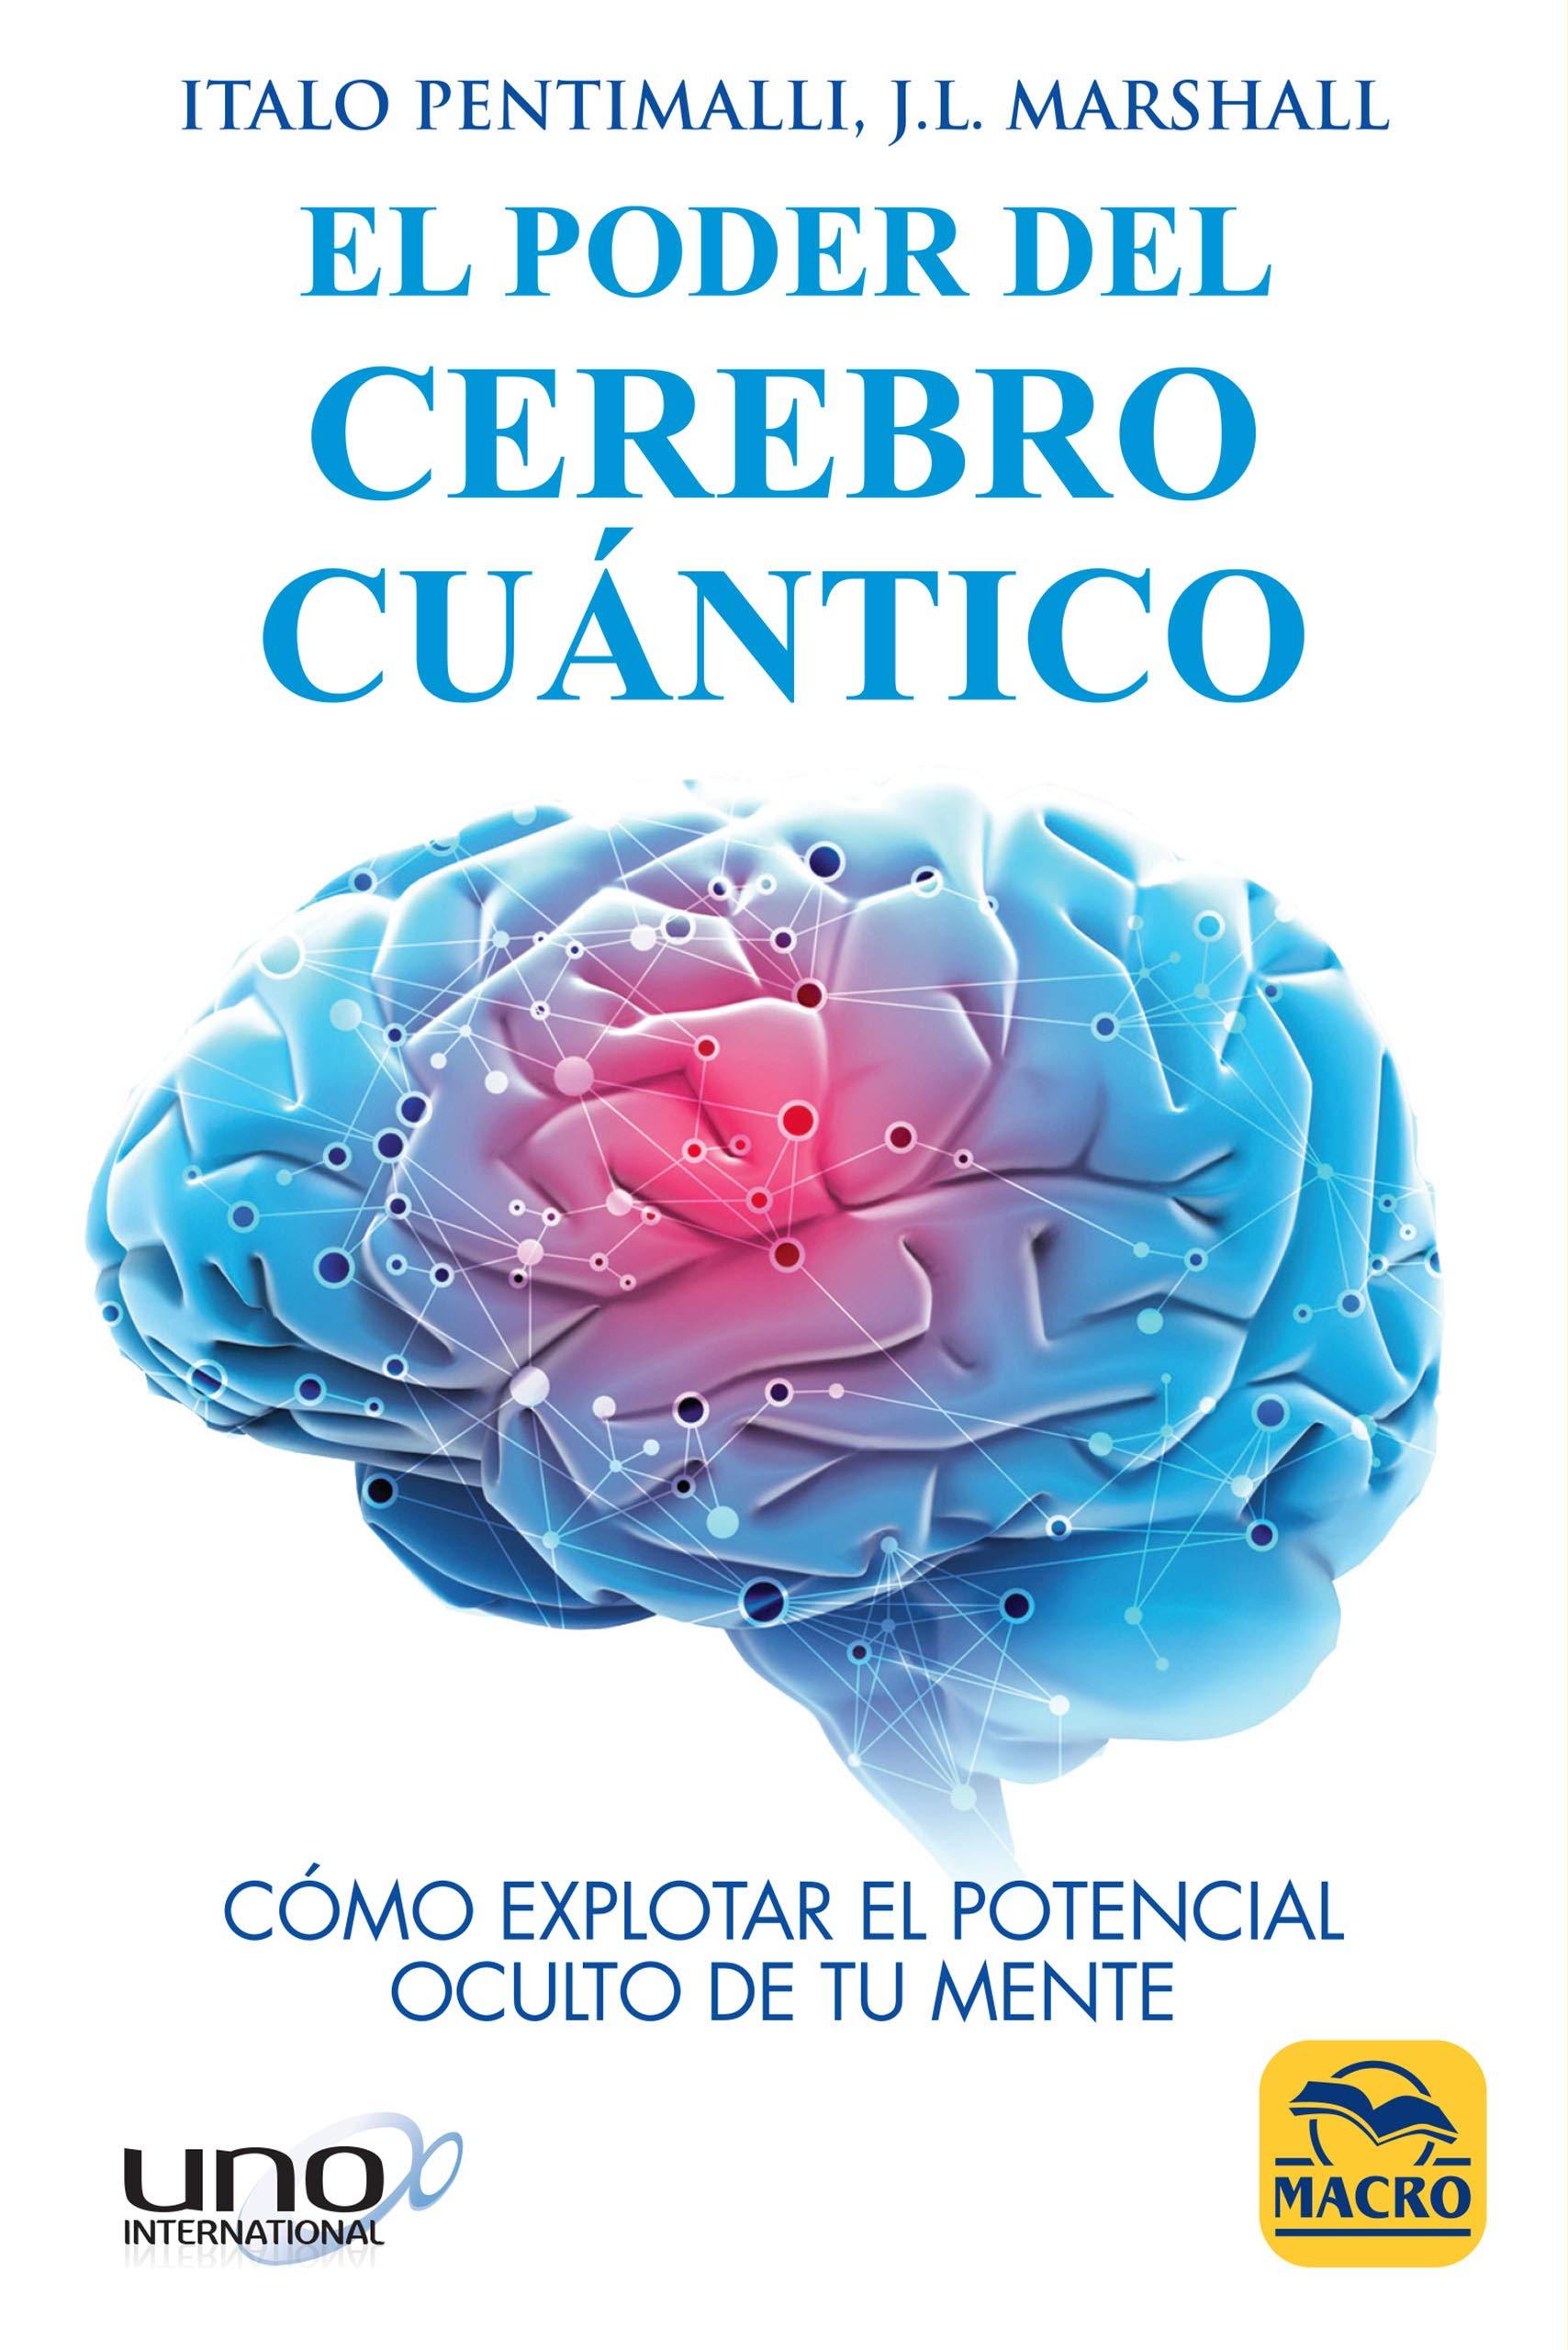 Poder del Cerebro Cuántico,El (Nueva Ciencia): Amazon.es: Italo Pentimalli,  J.L. Marshall, Luis Rivero: Libros